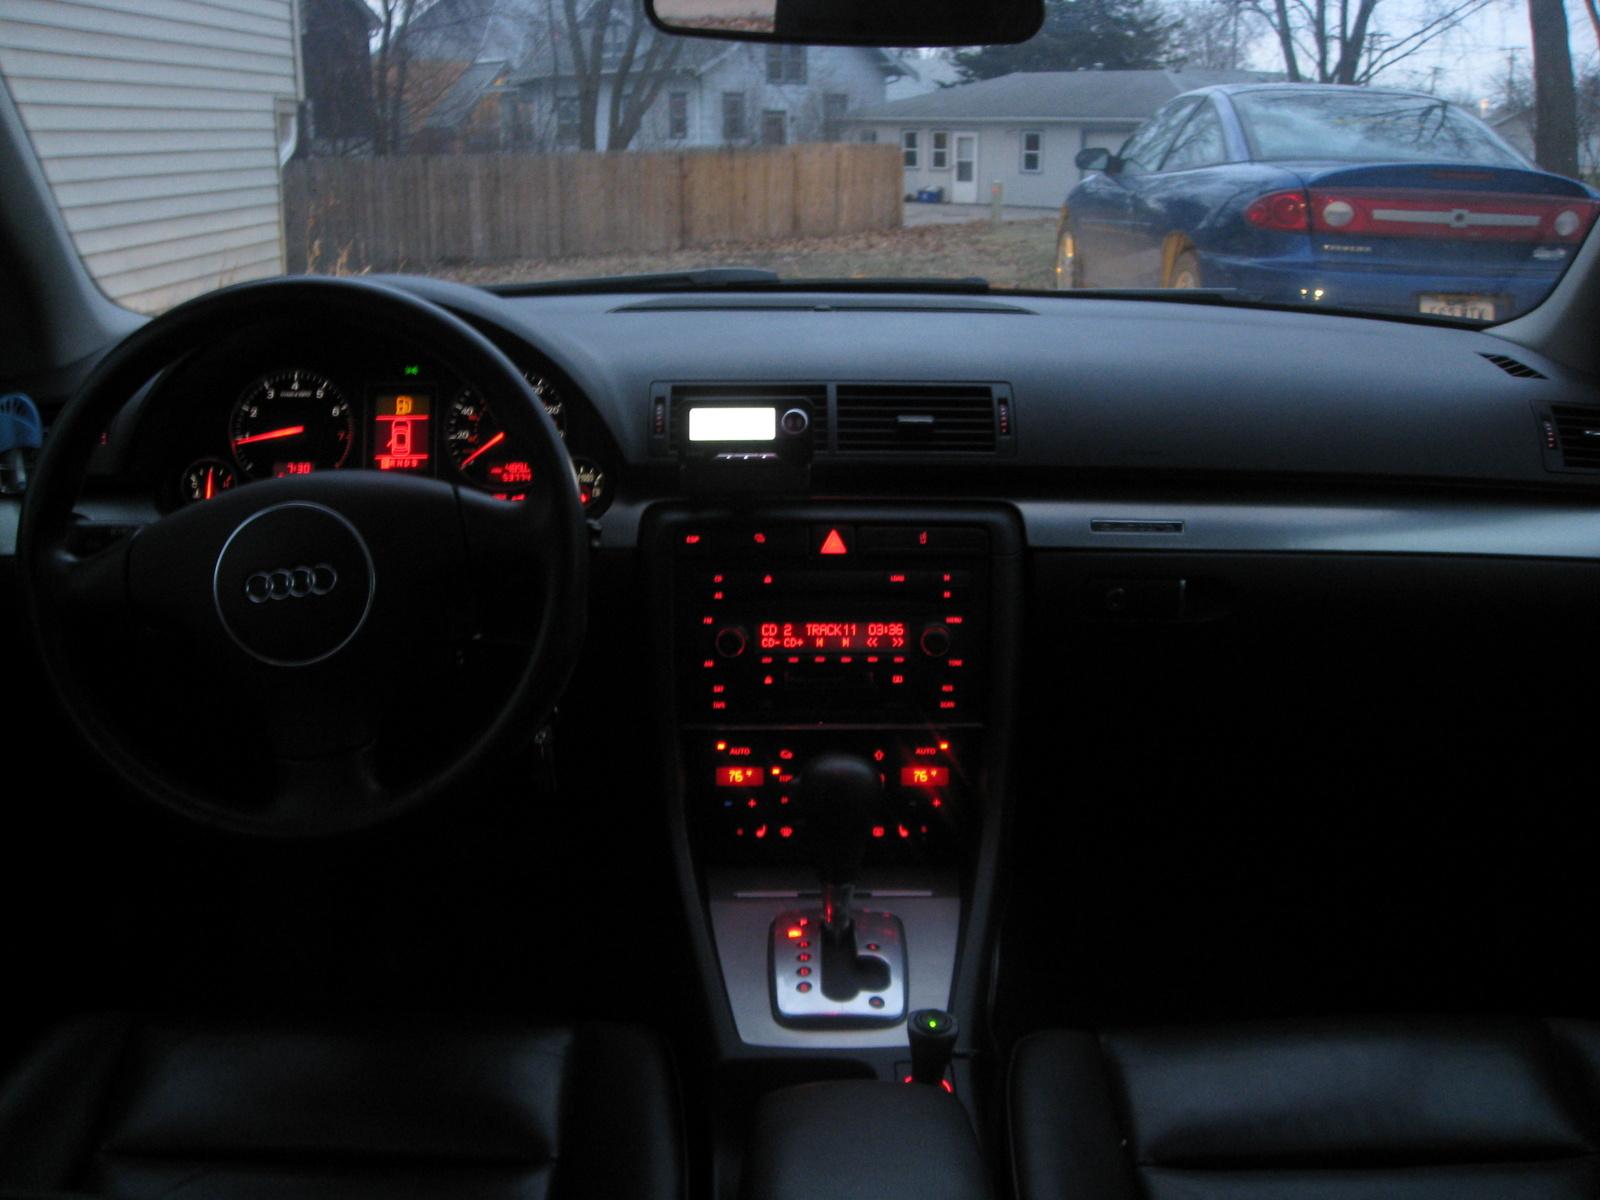 2004 Audi A4 Pictures Cargurus